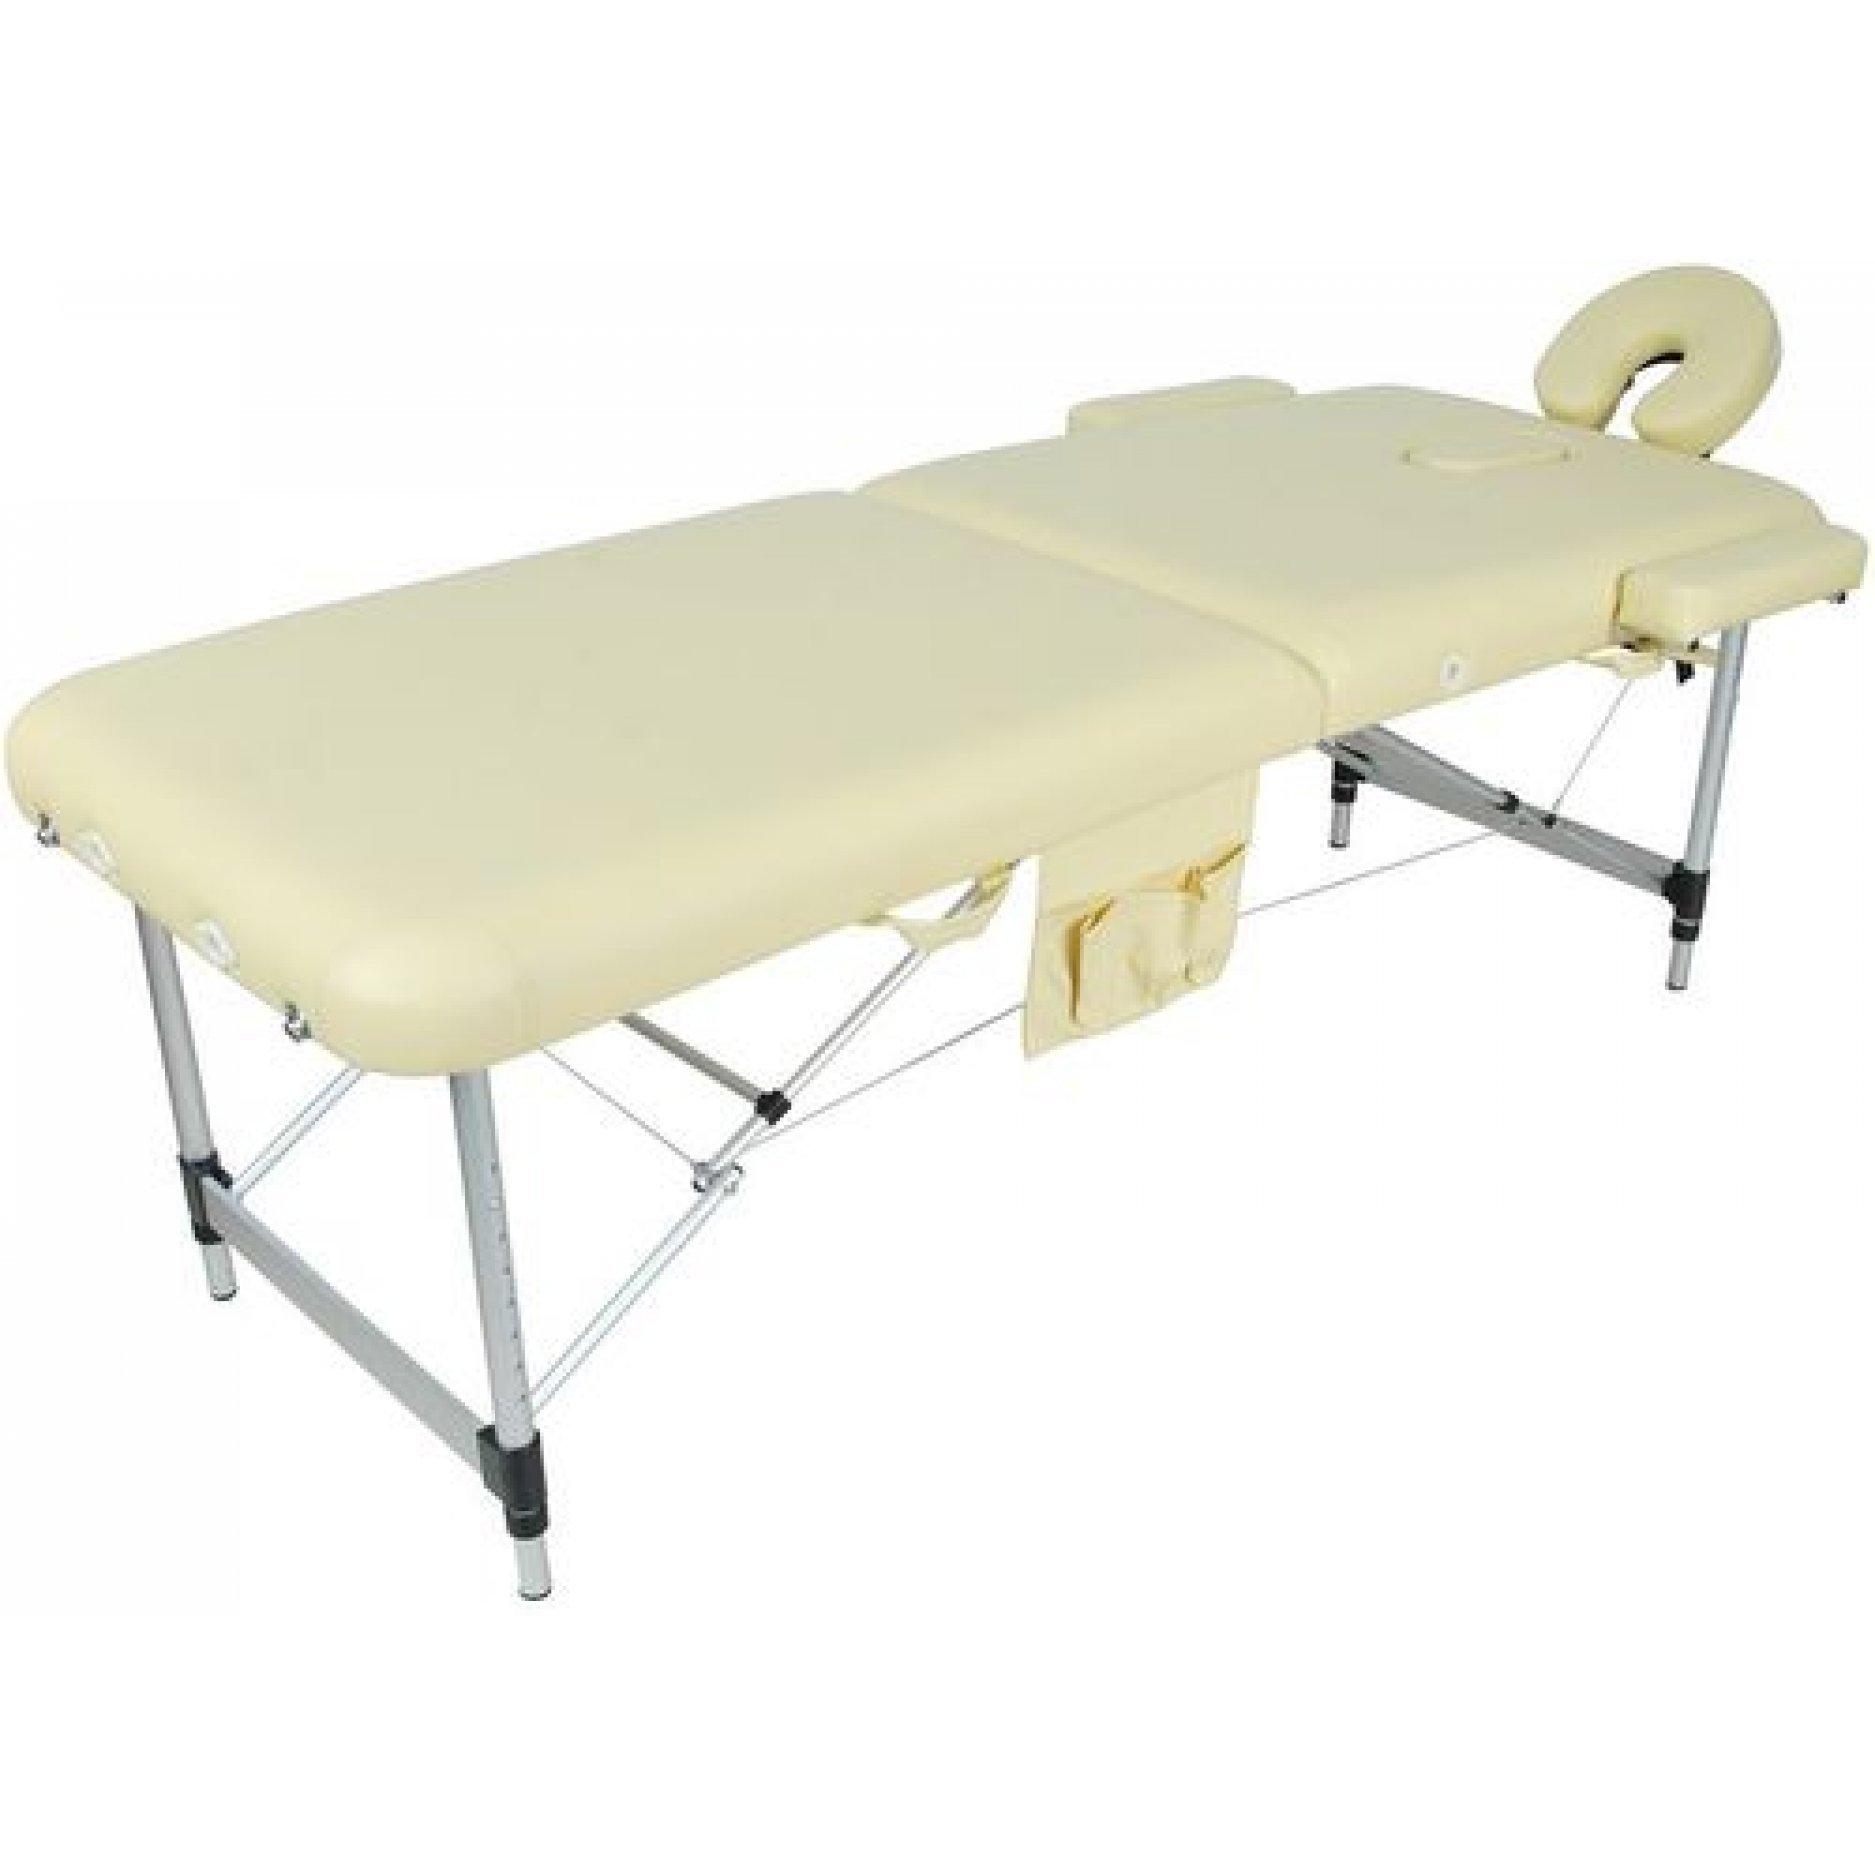 Массажный стол Medmos JFAL01A 2-х секционный (МСТ-002Л)